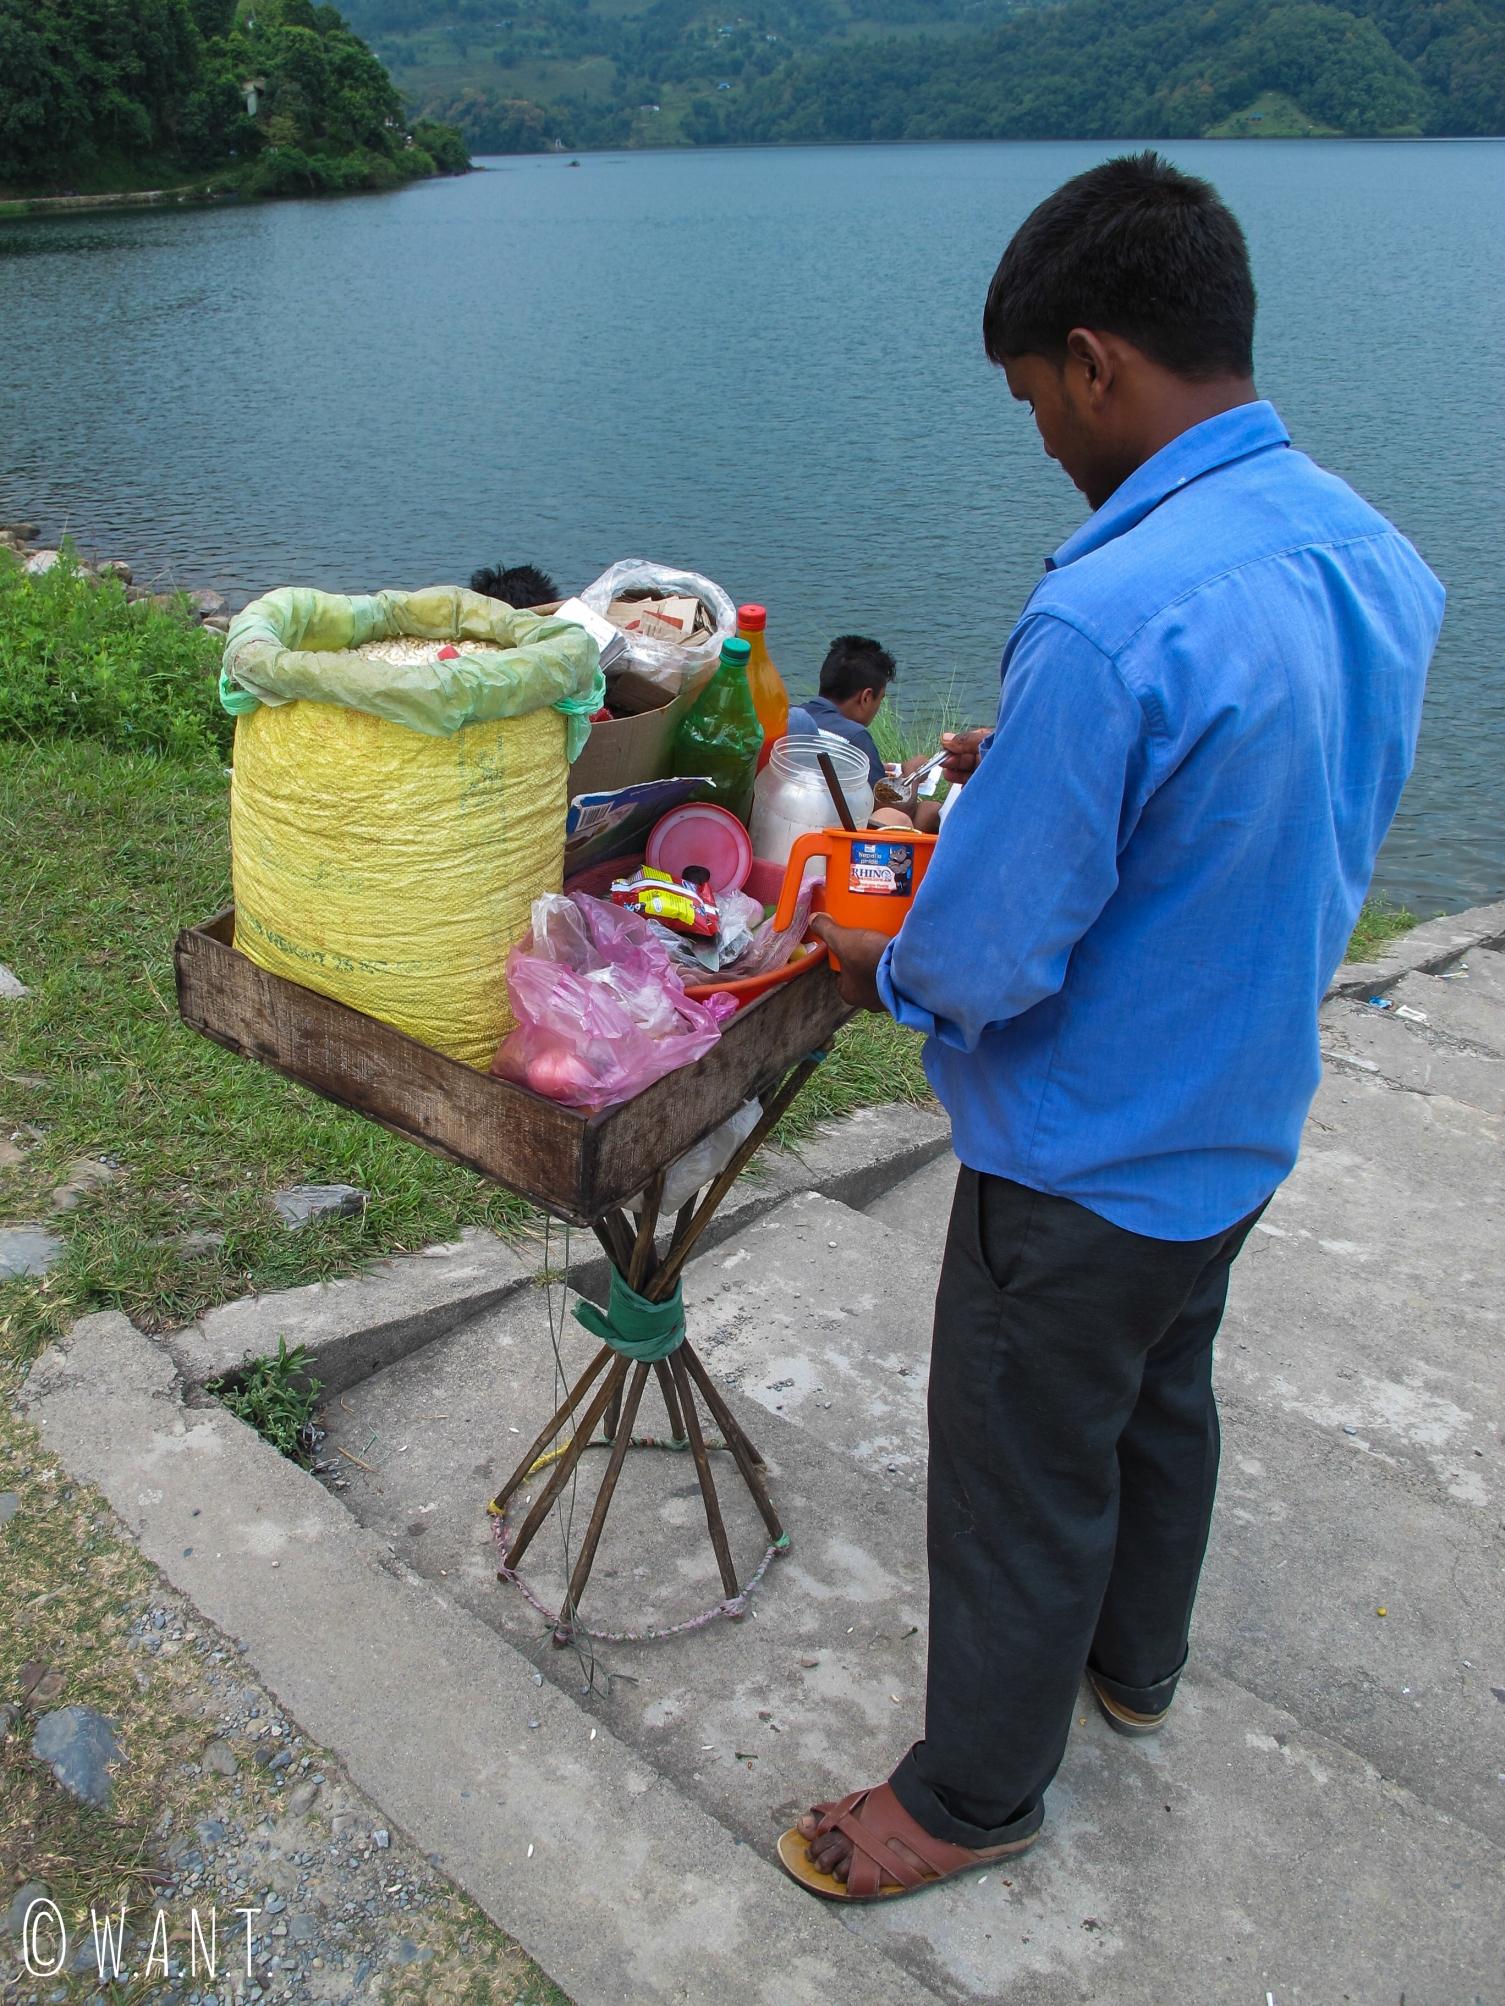 Vendeur ambulant en pleine préparation de snacks népalais à base de riz soufflé